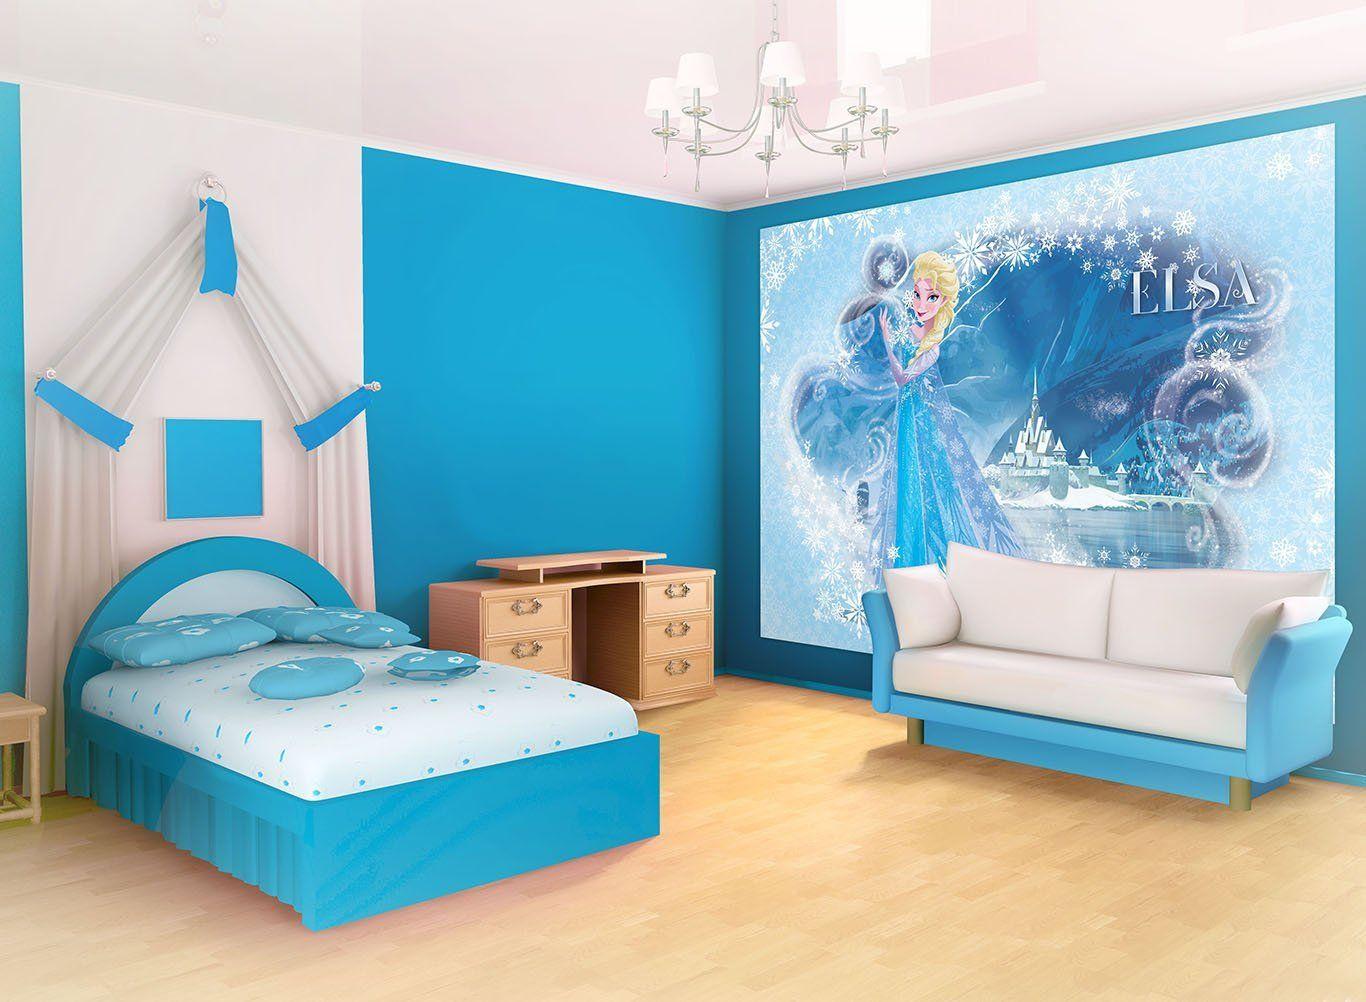 ❄ Frozen Kinderzimmer: Fototapete Eiskönigin | Kinderzimmer ...